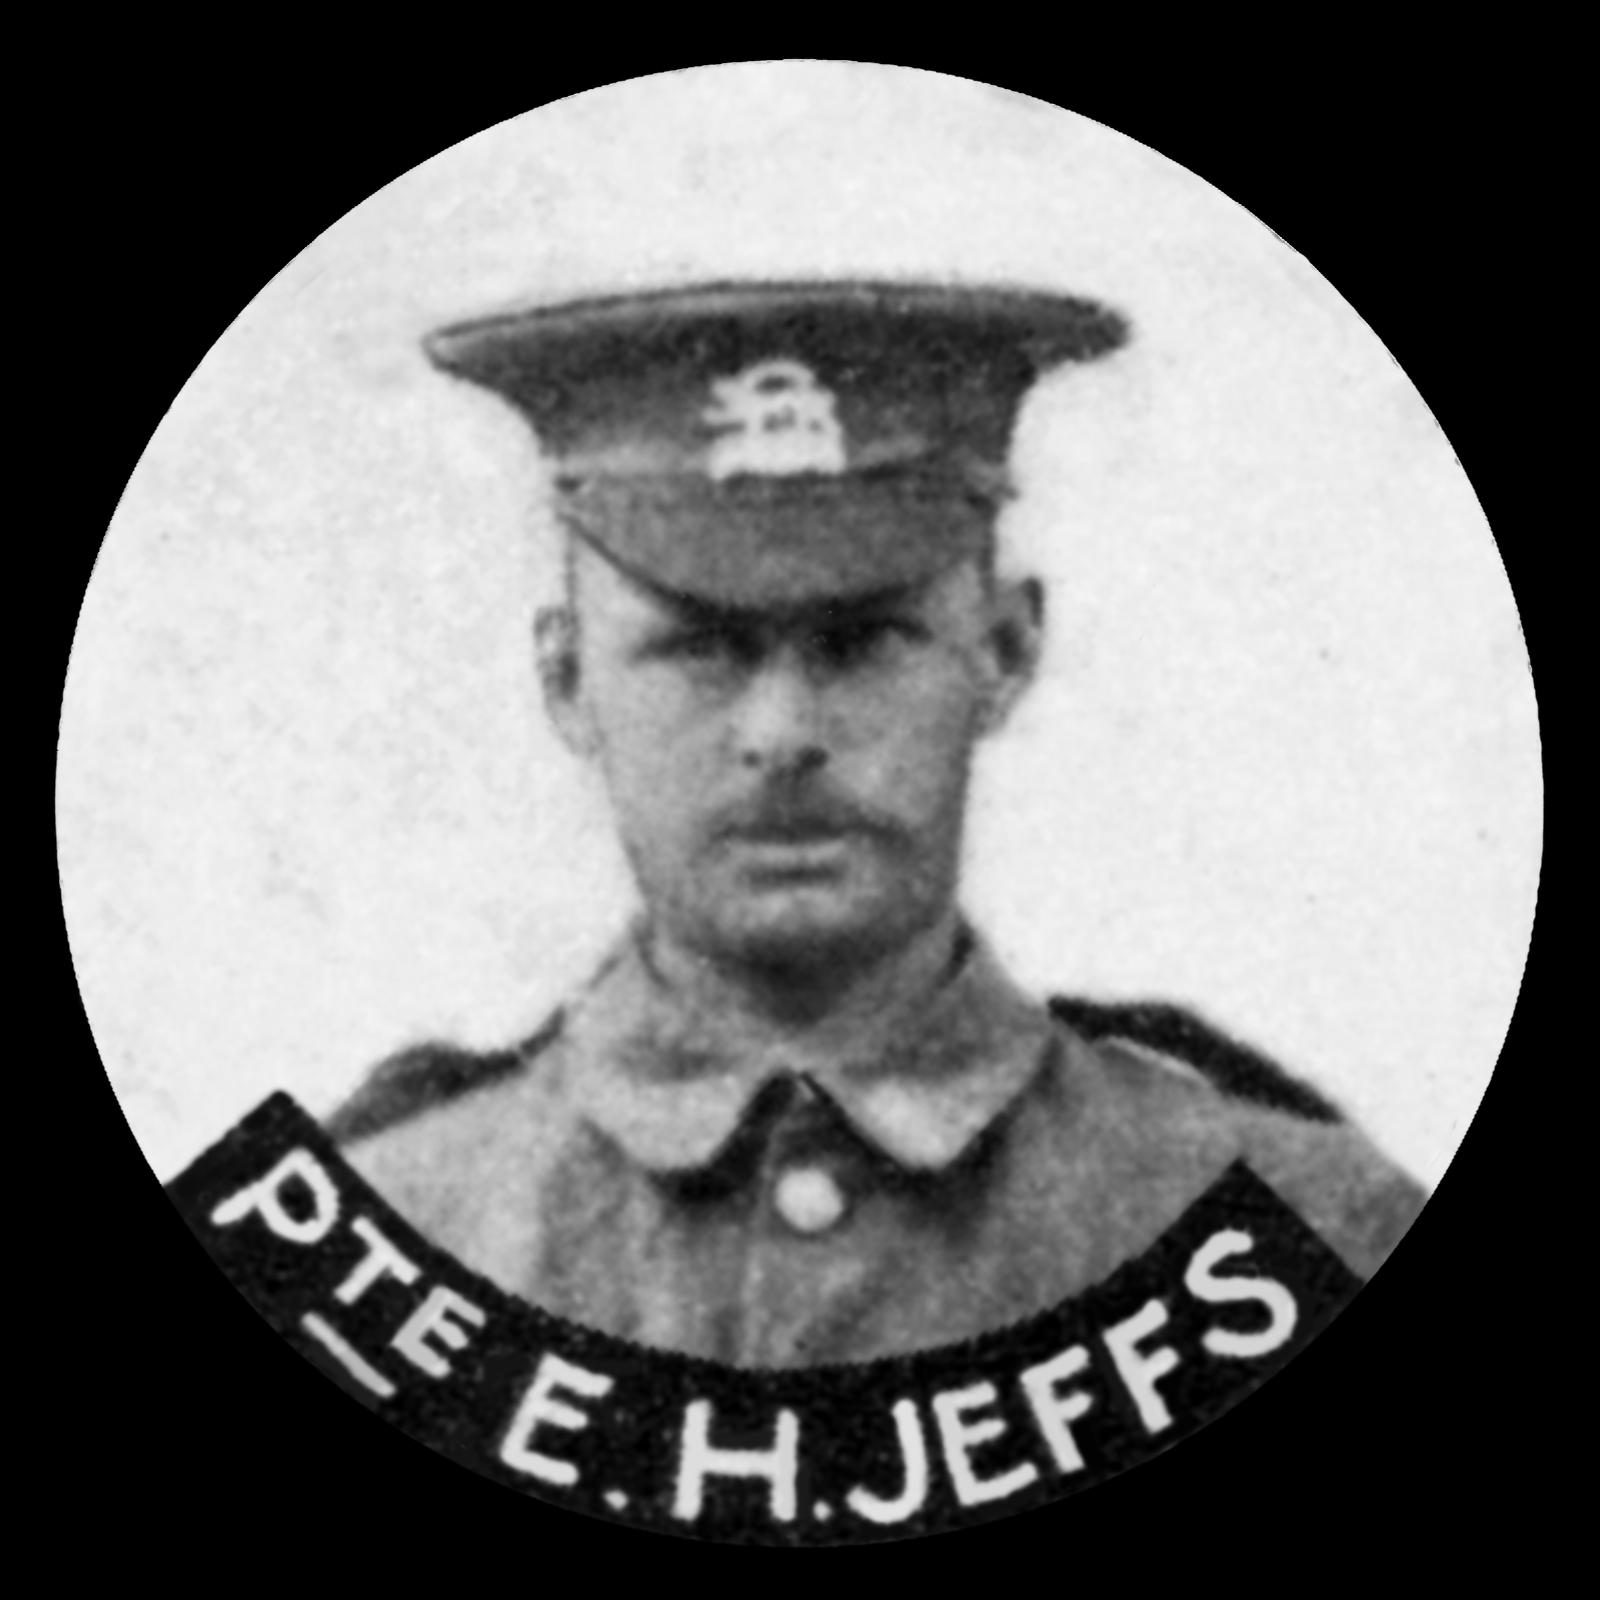 JEFFS Ernest Henry